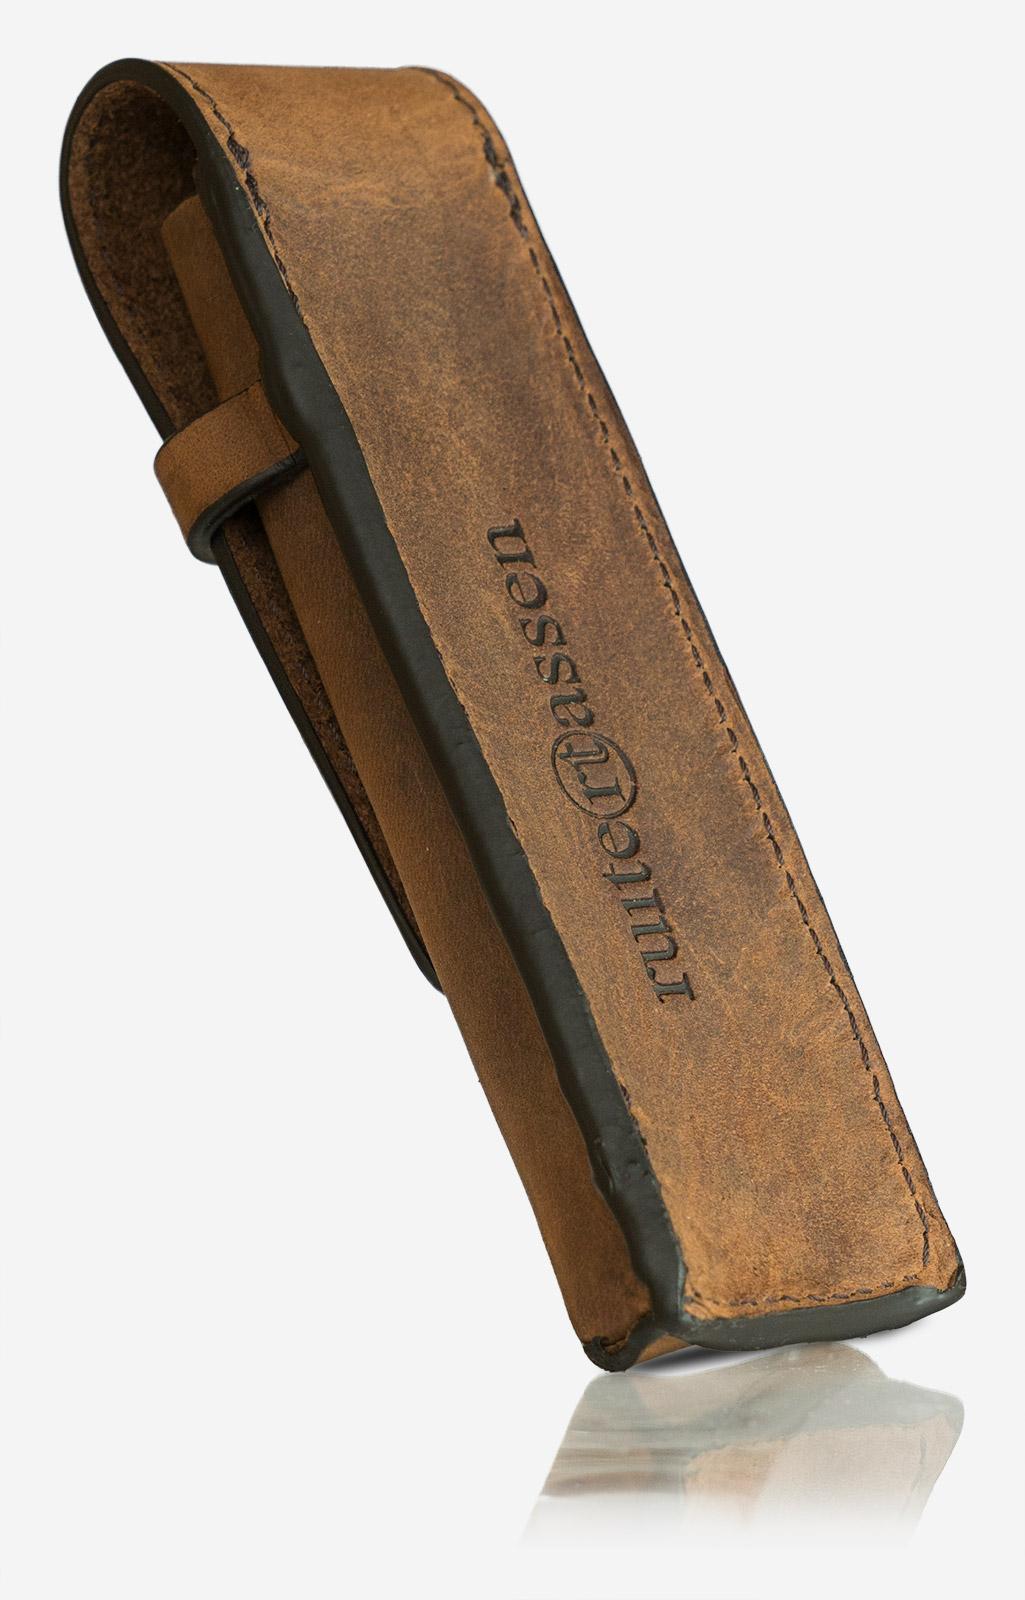 Étui à stylos en cuir marron Ruitertassen.